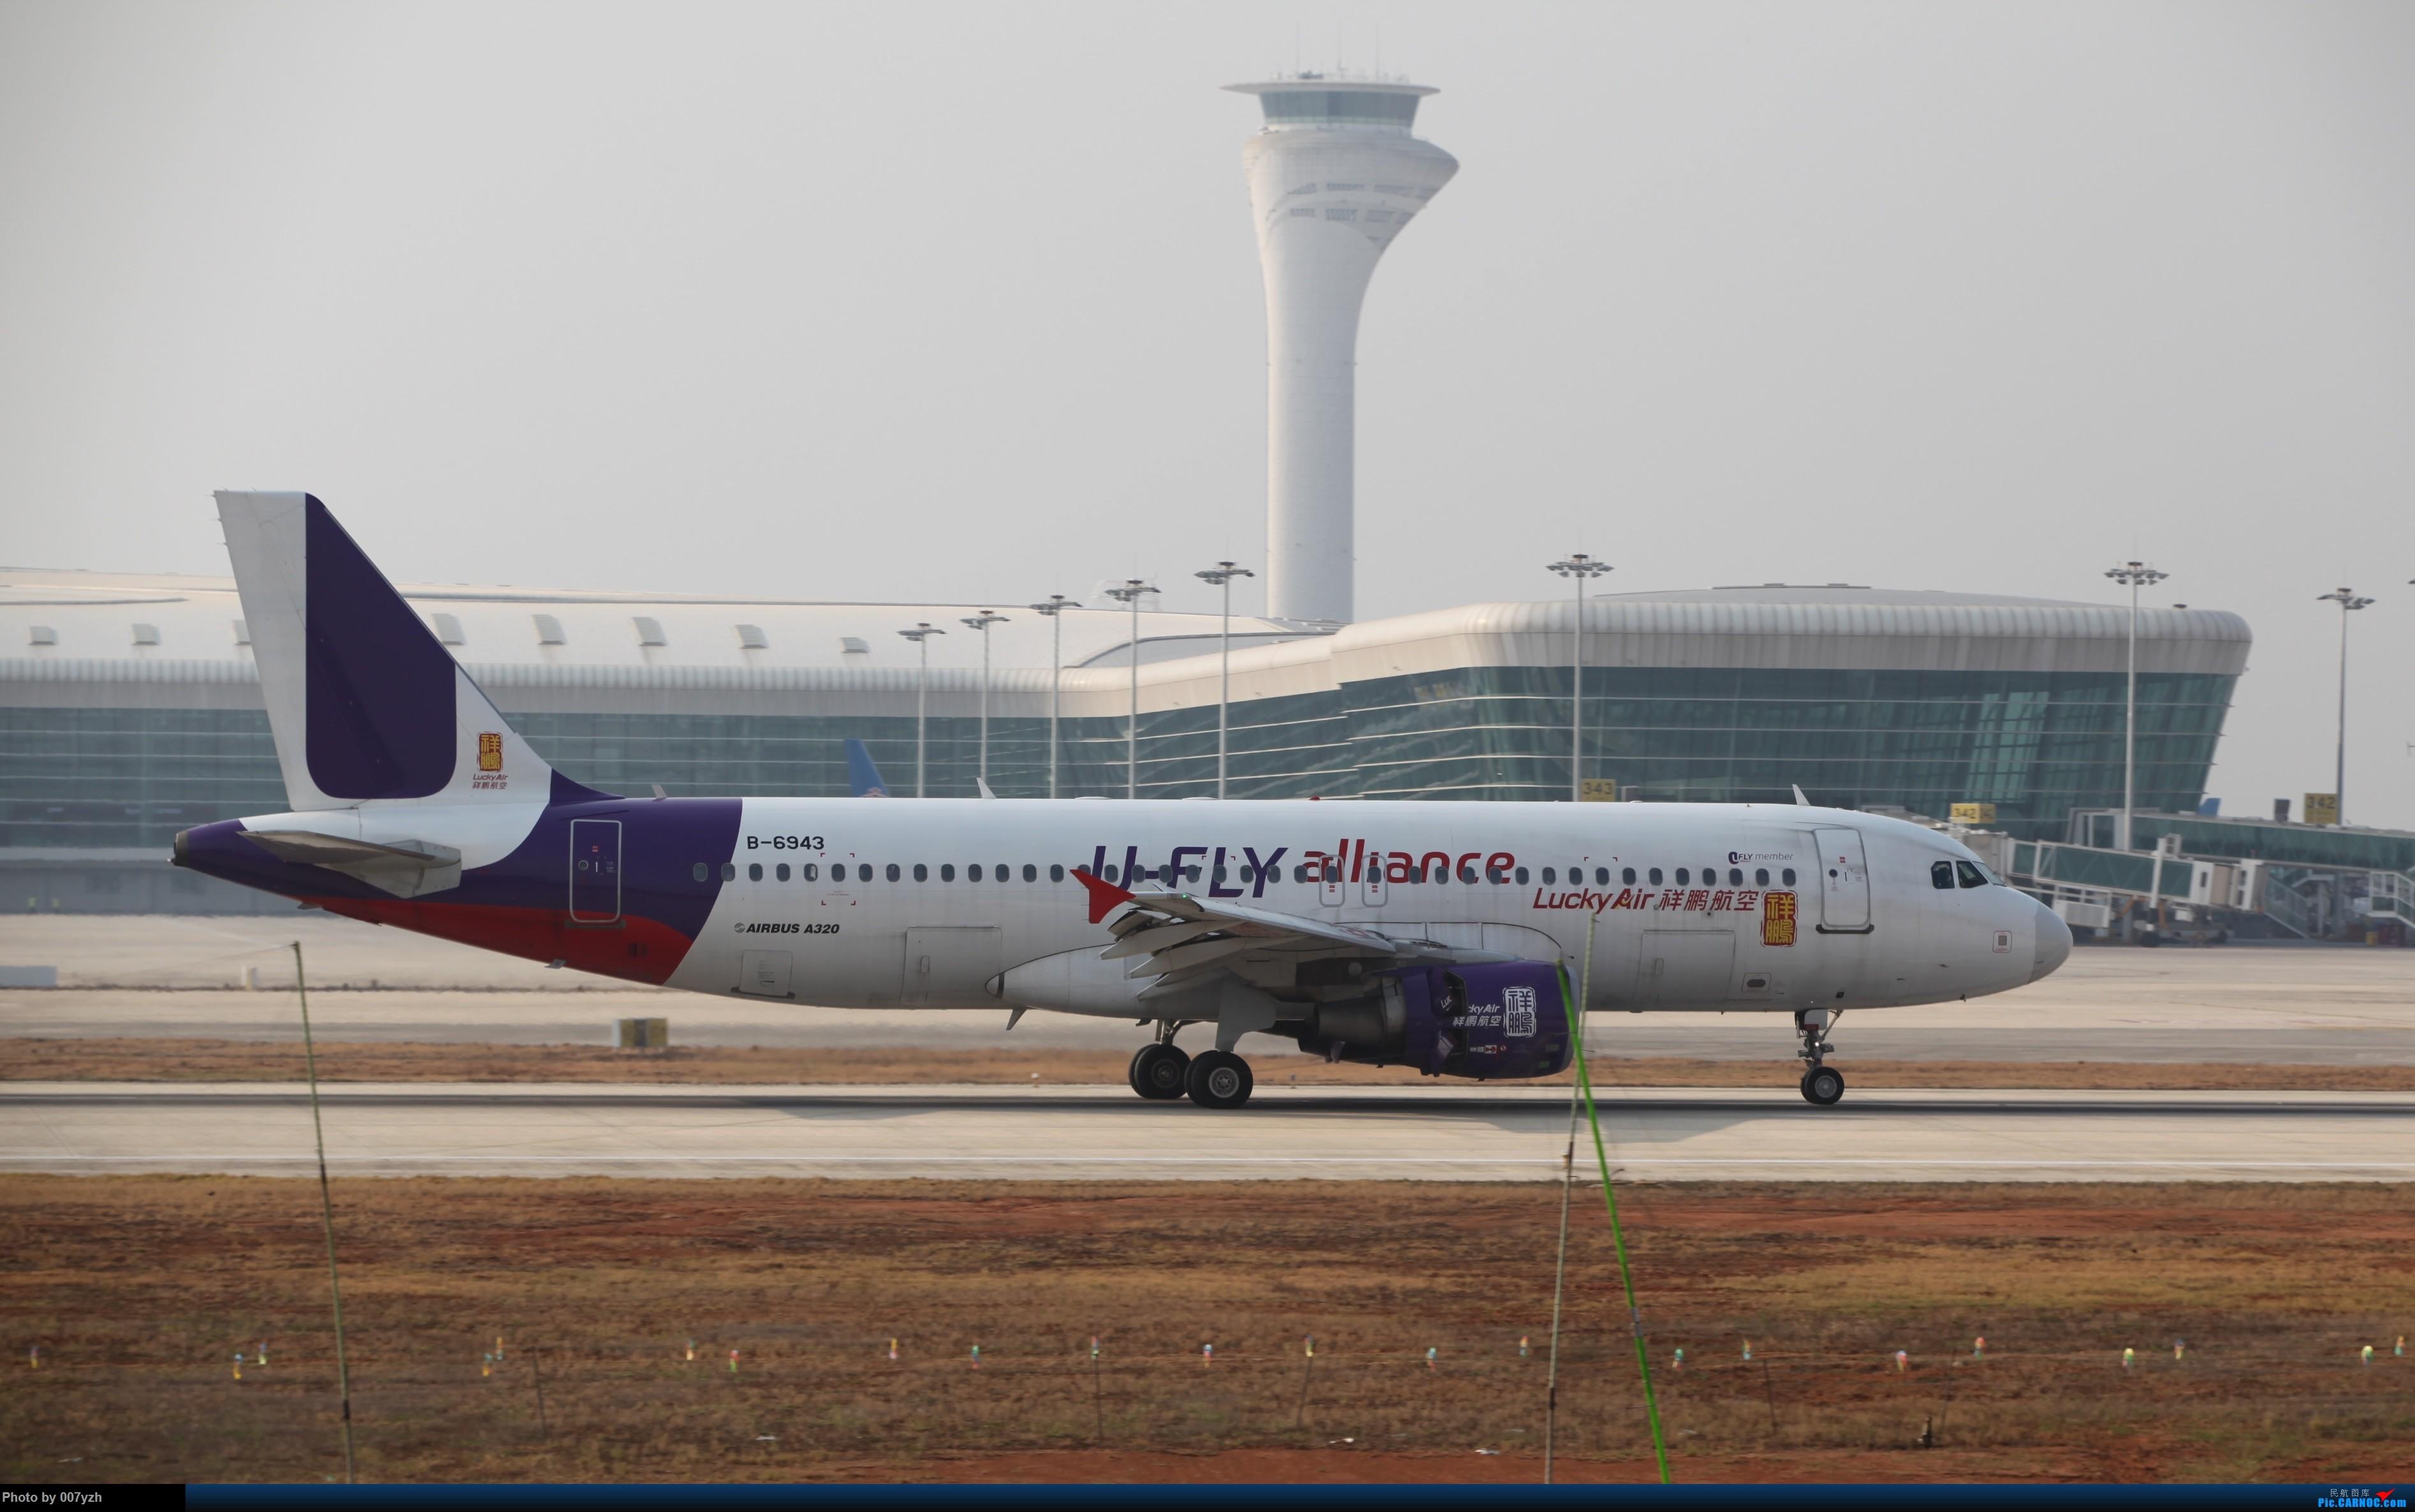 Re:[原创]WUH小拍,终于找到了在WUH拍机的组织 AIRBUS A320-200 B-6943 中国武汉天河国际机场